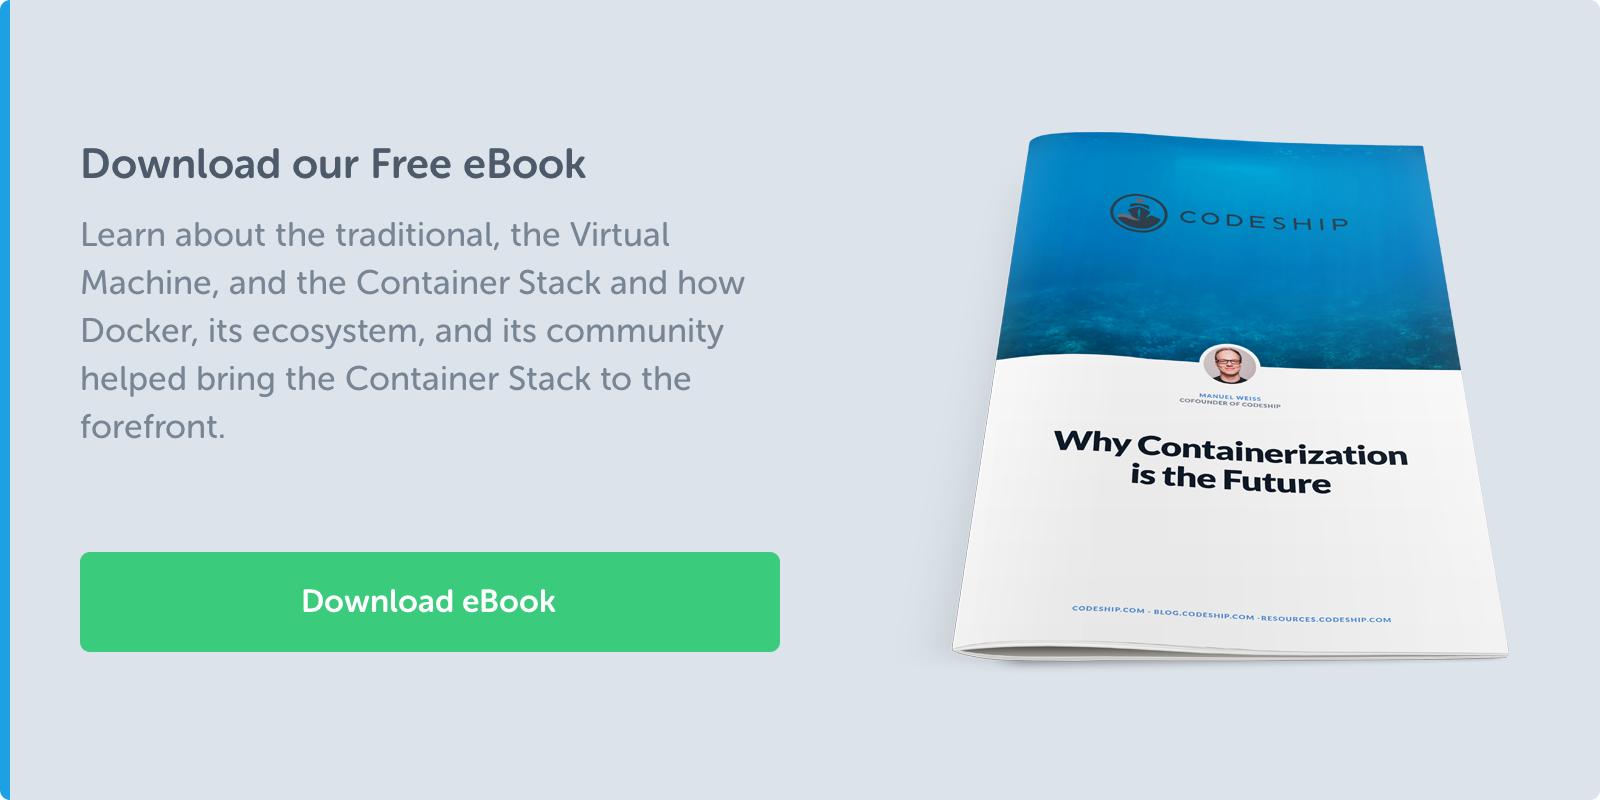 eBook_containerization_future